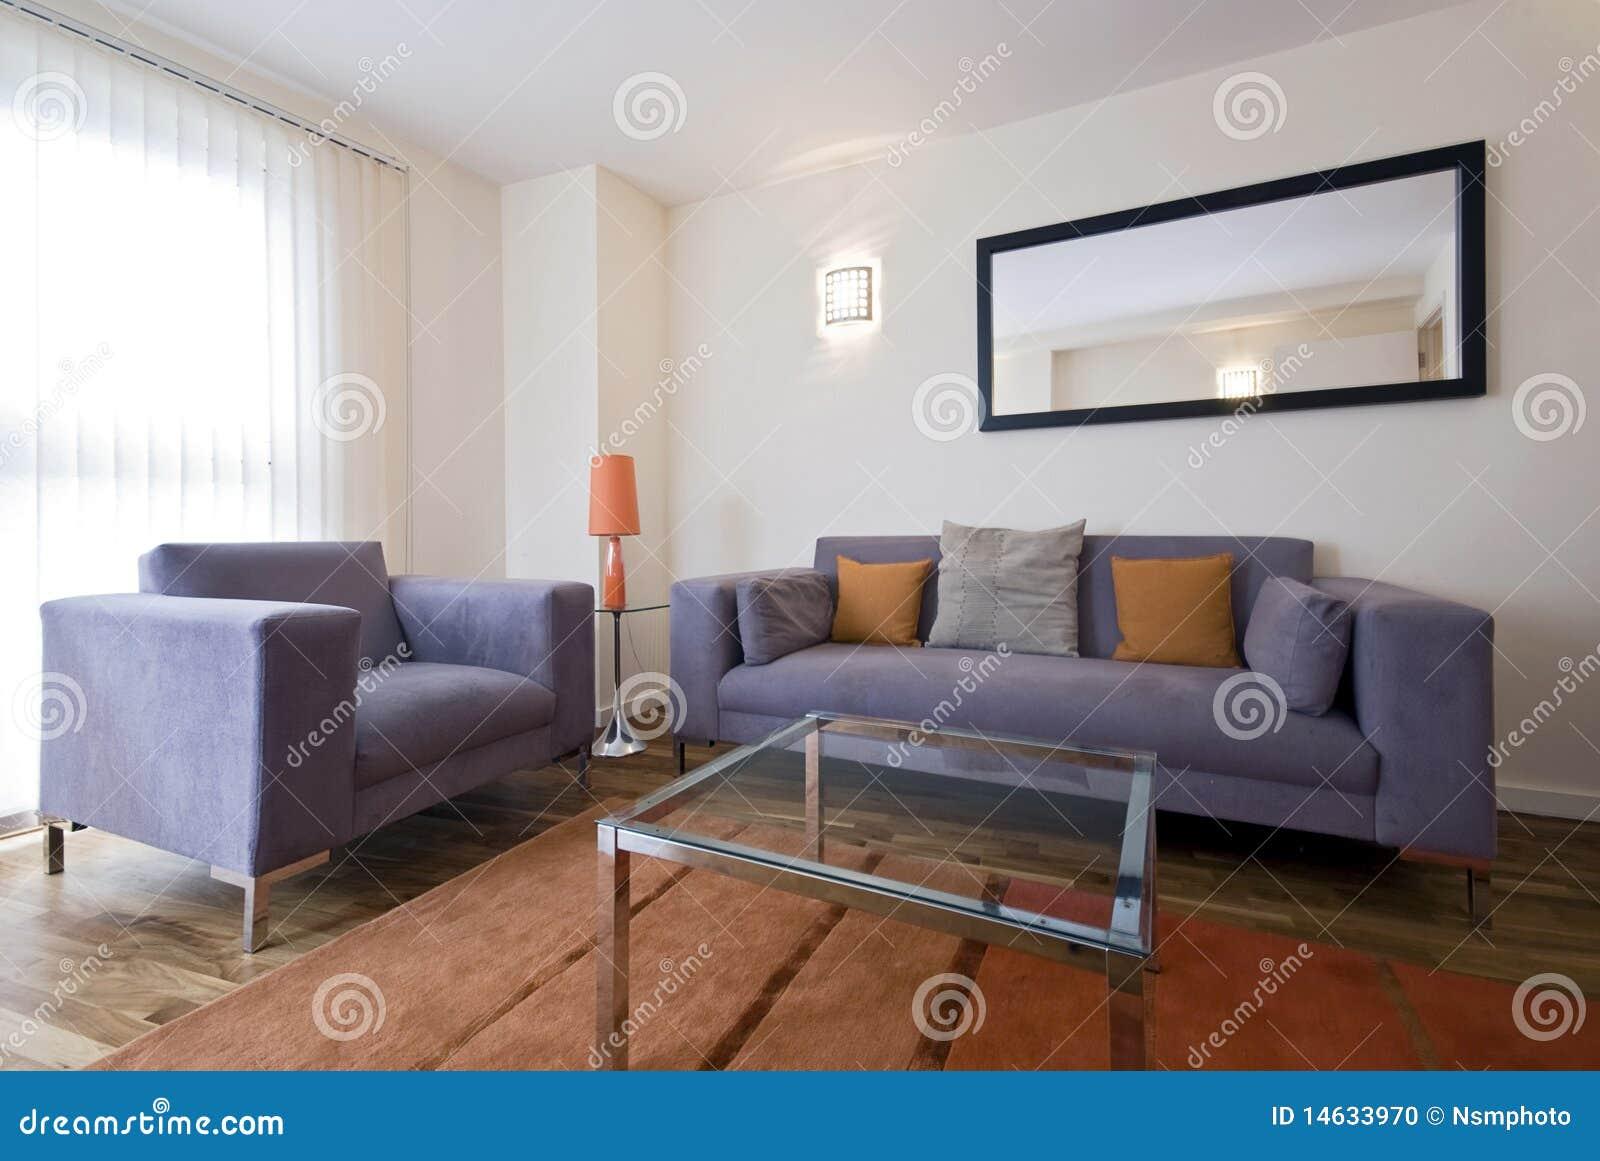 #693C24 Salle De Séjour Moderne Avec Le Sofa Gris Photo Stock  3941 salle de sejour moderne 1300x960 px @ aertt.com